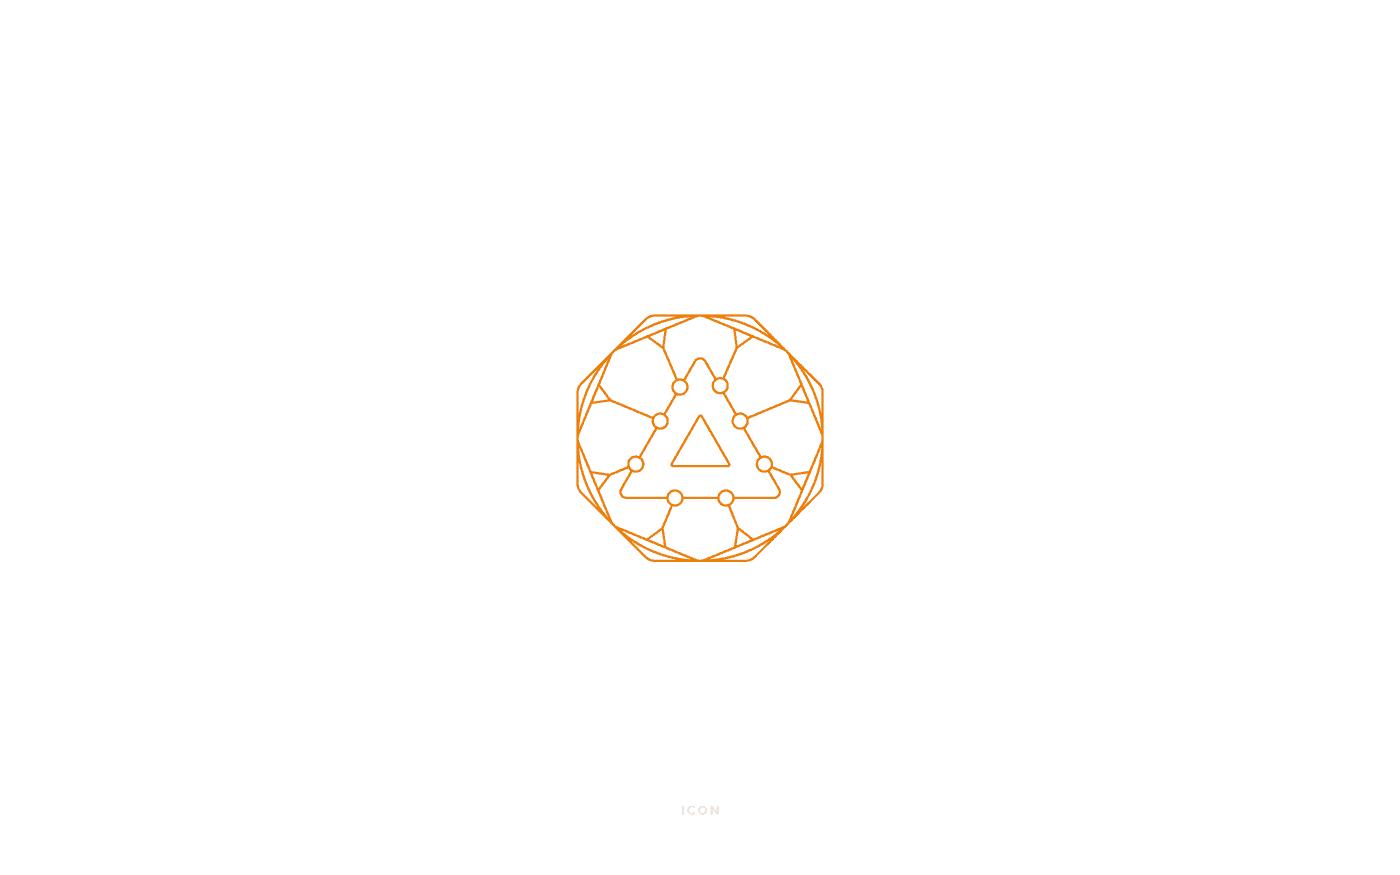 Consultech Pittogramma logo